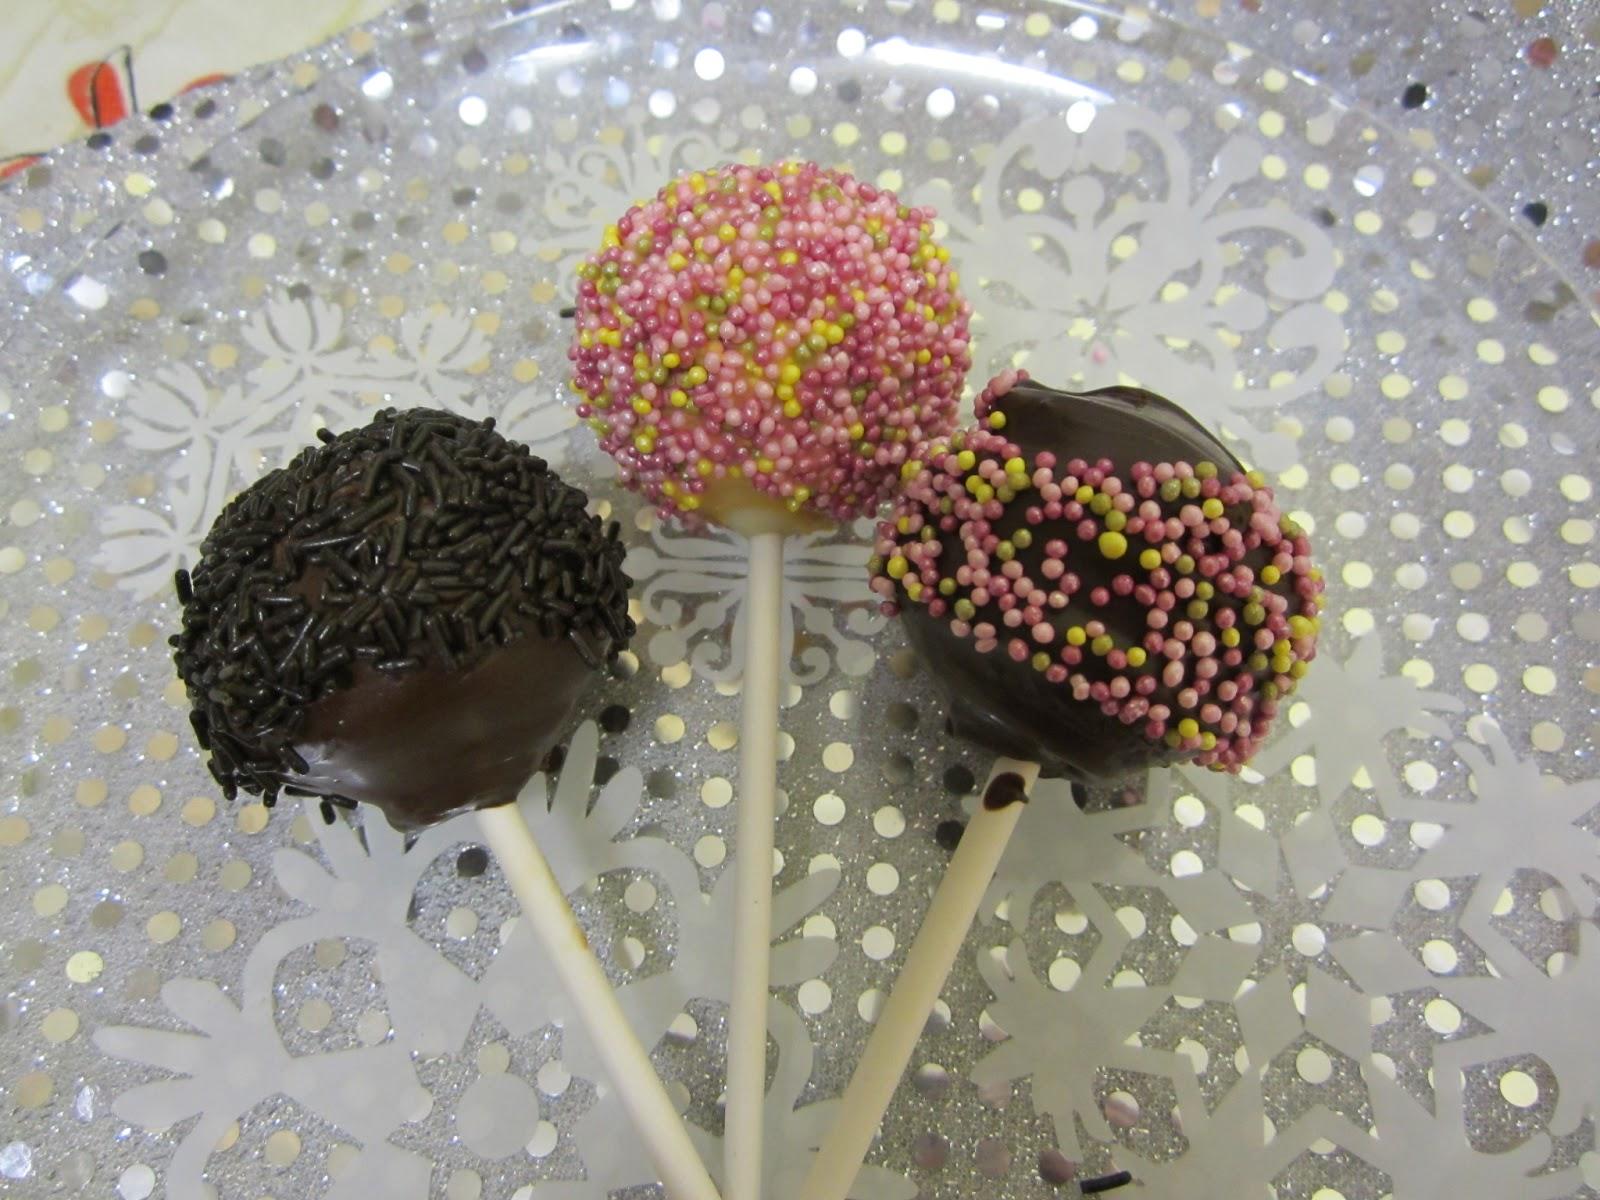 Cake Pop Maker Home Bargains